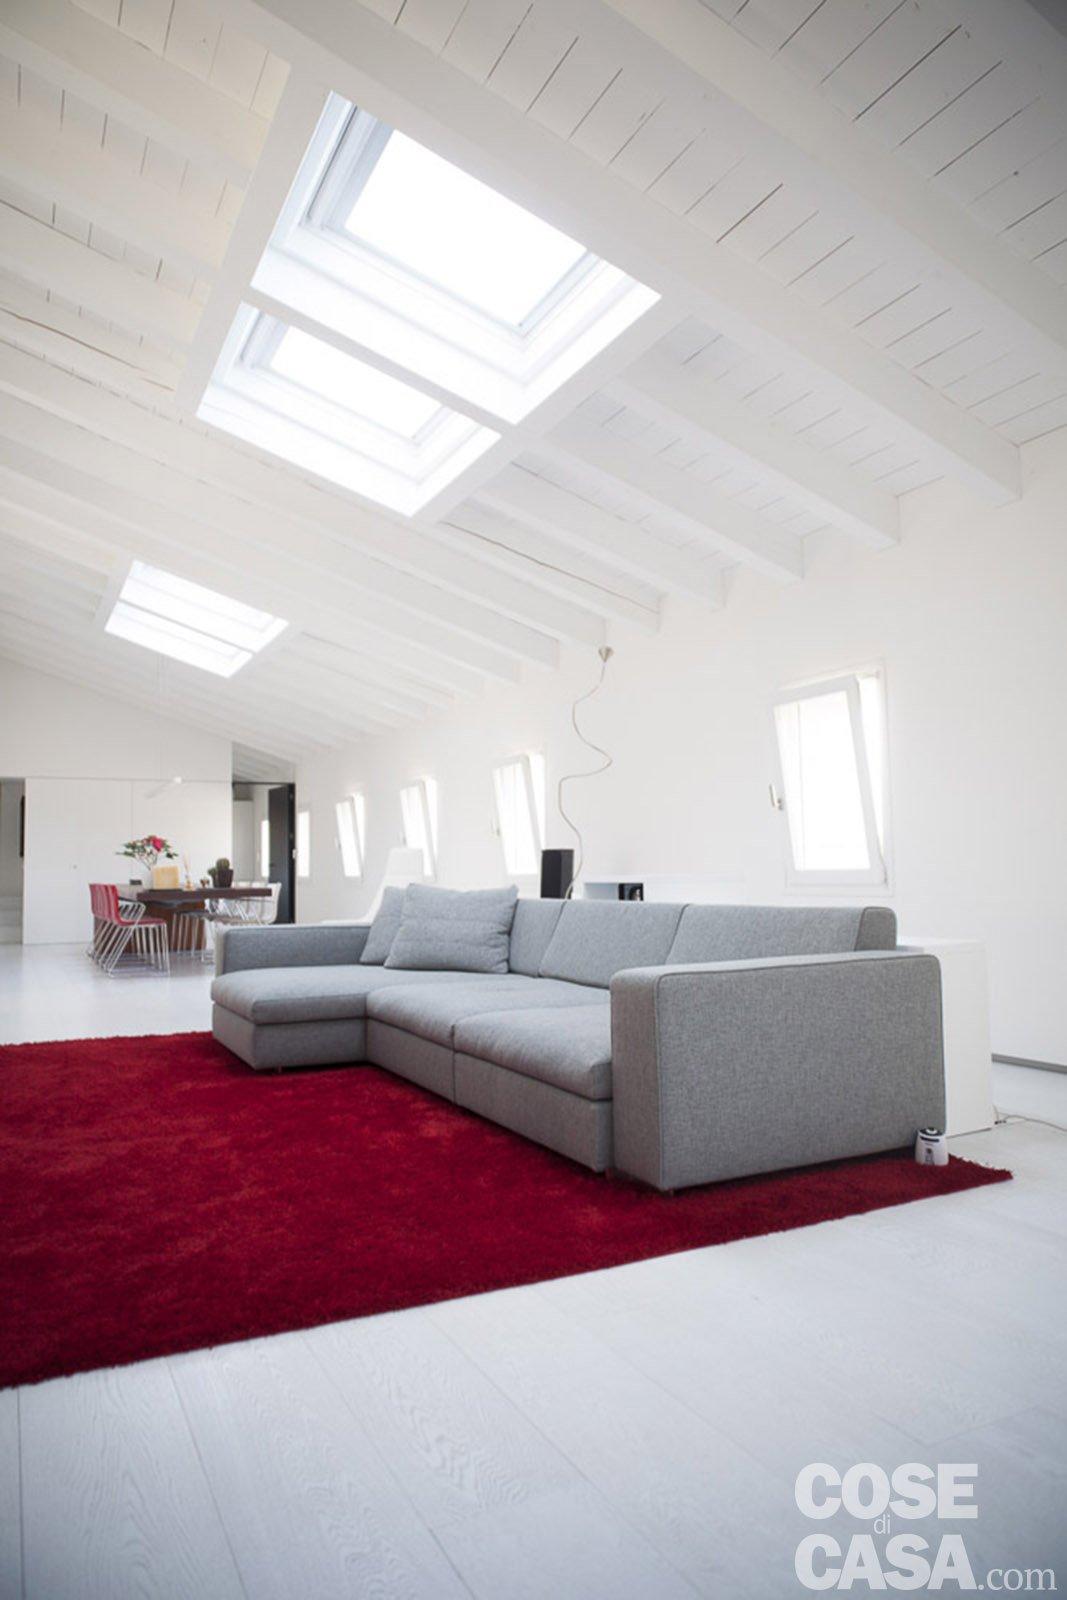 Tappeti moderni bianchi e neri il miglior design di for Miglior software di costruzione della casa